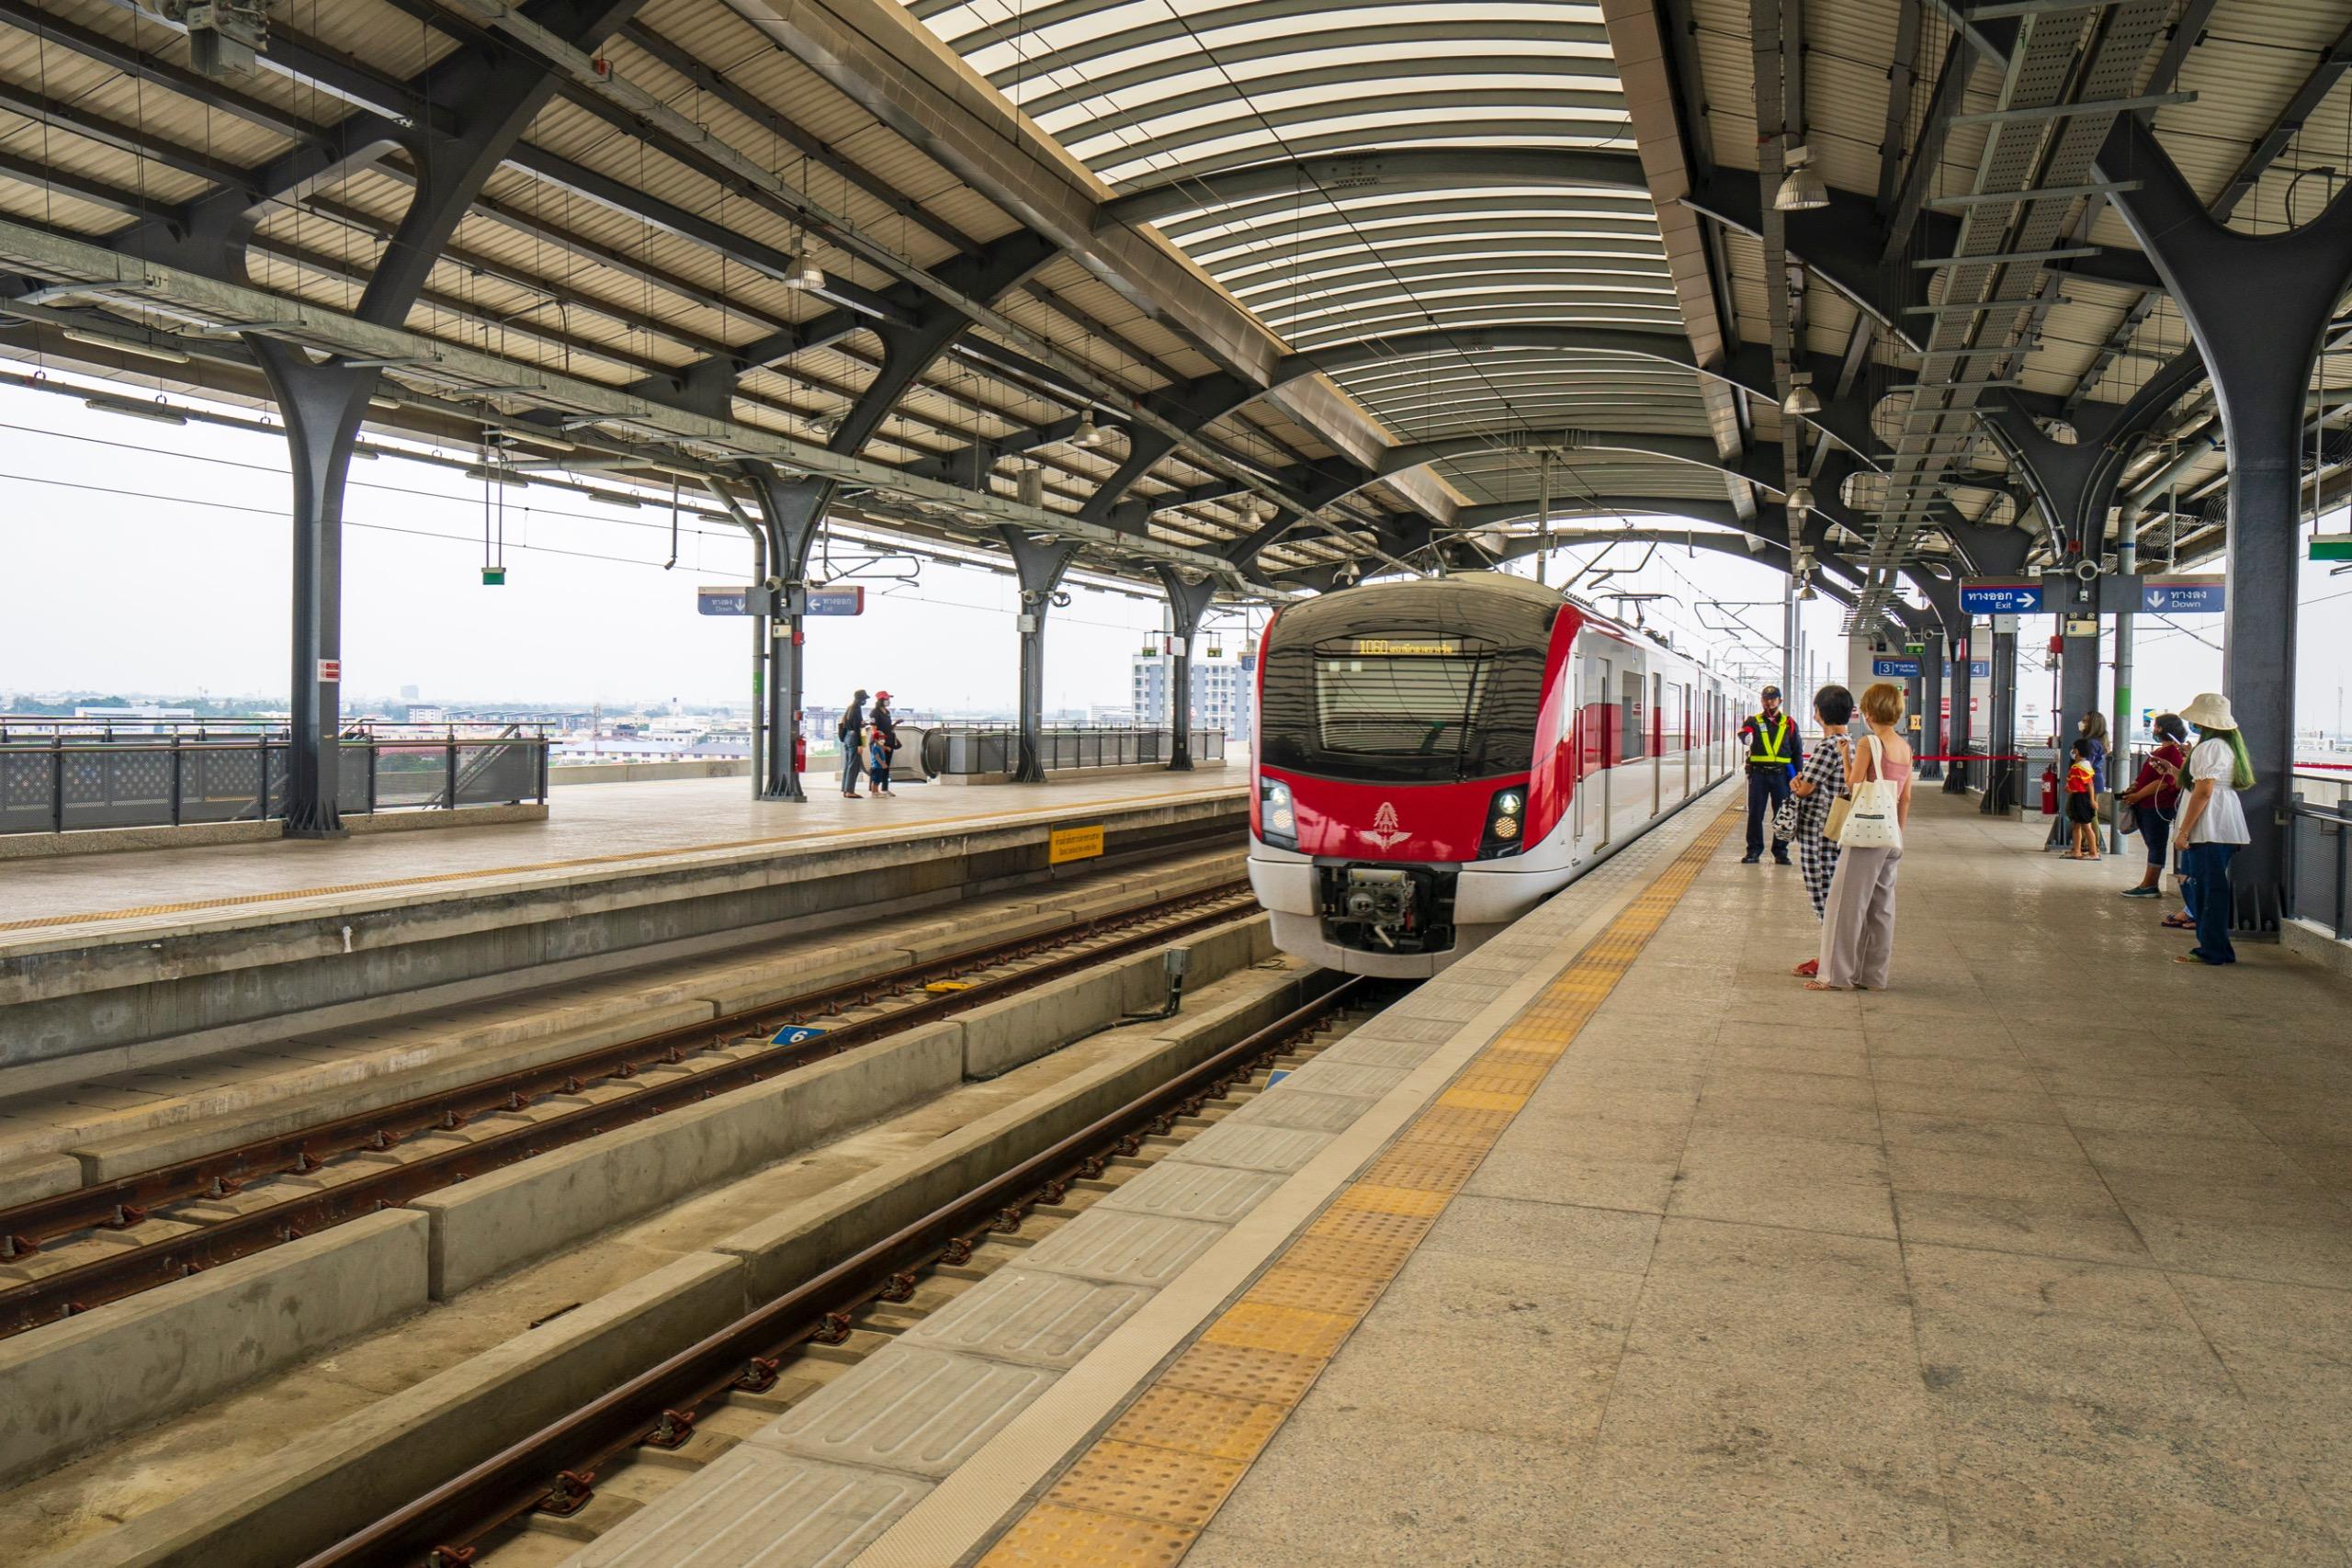 ドンムアン空港からレッドライン乗換や路線図